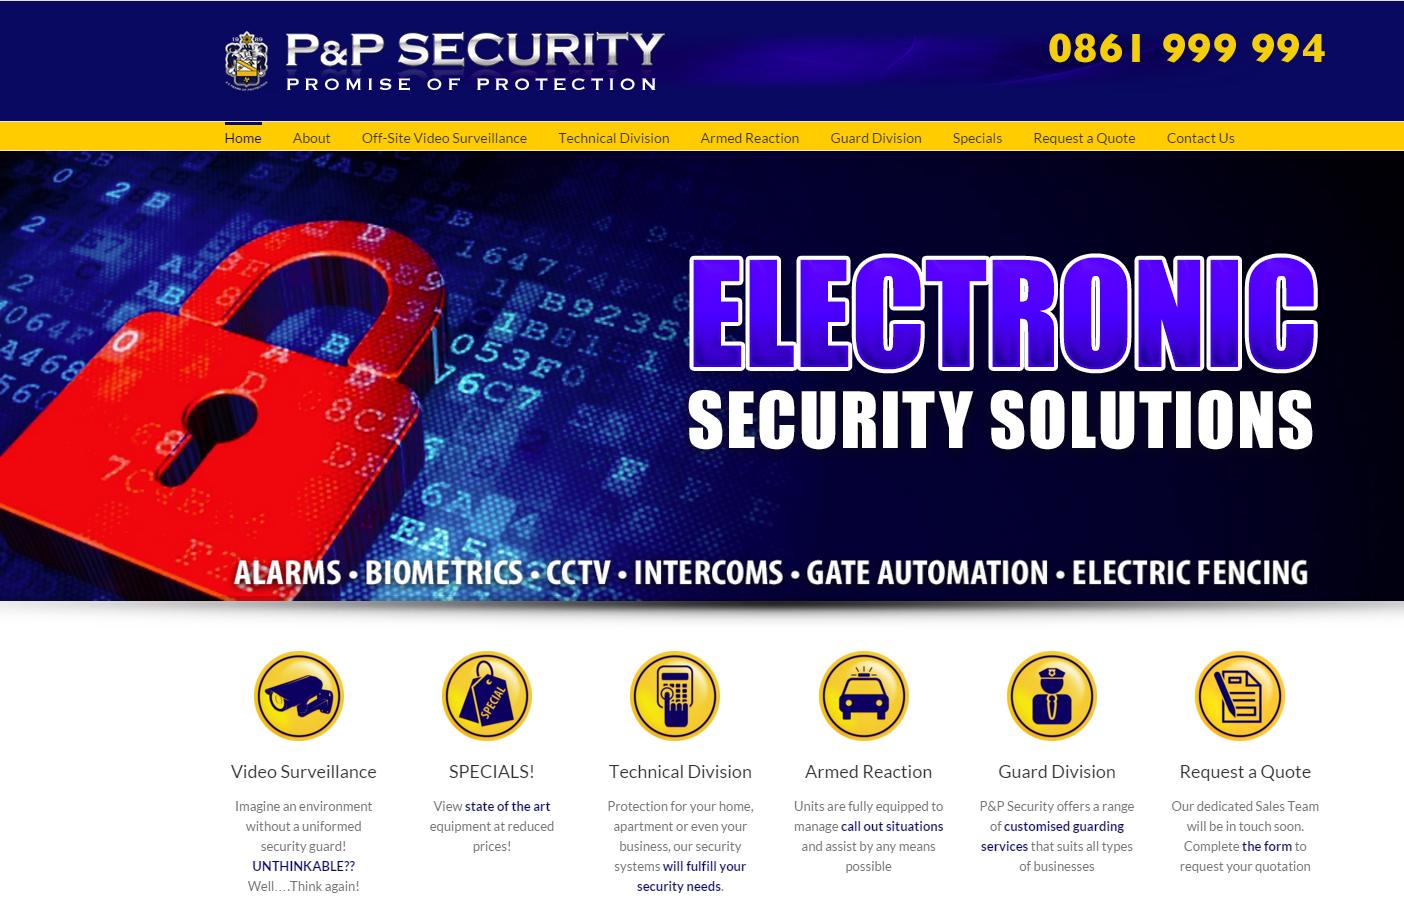 P & P Security